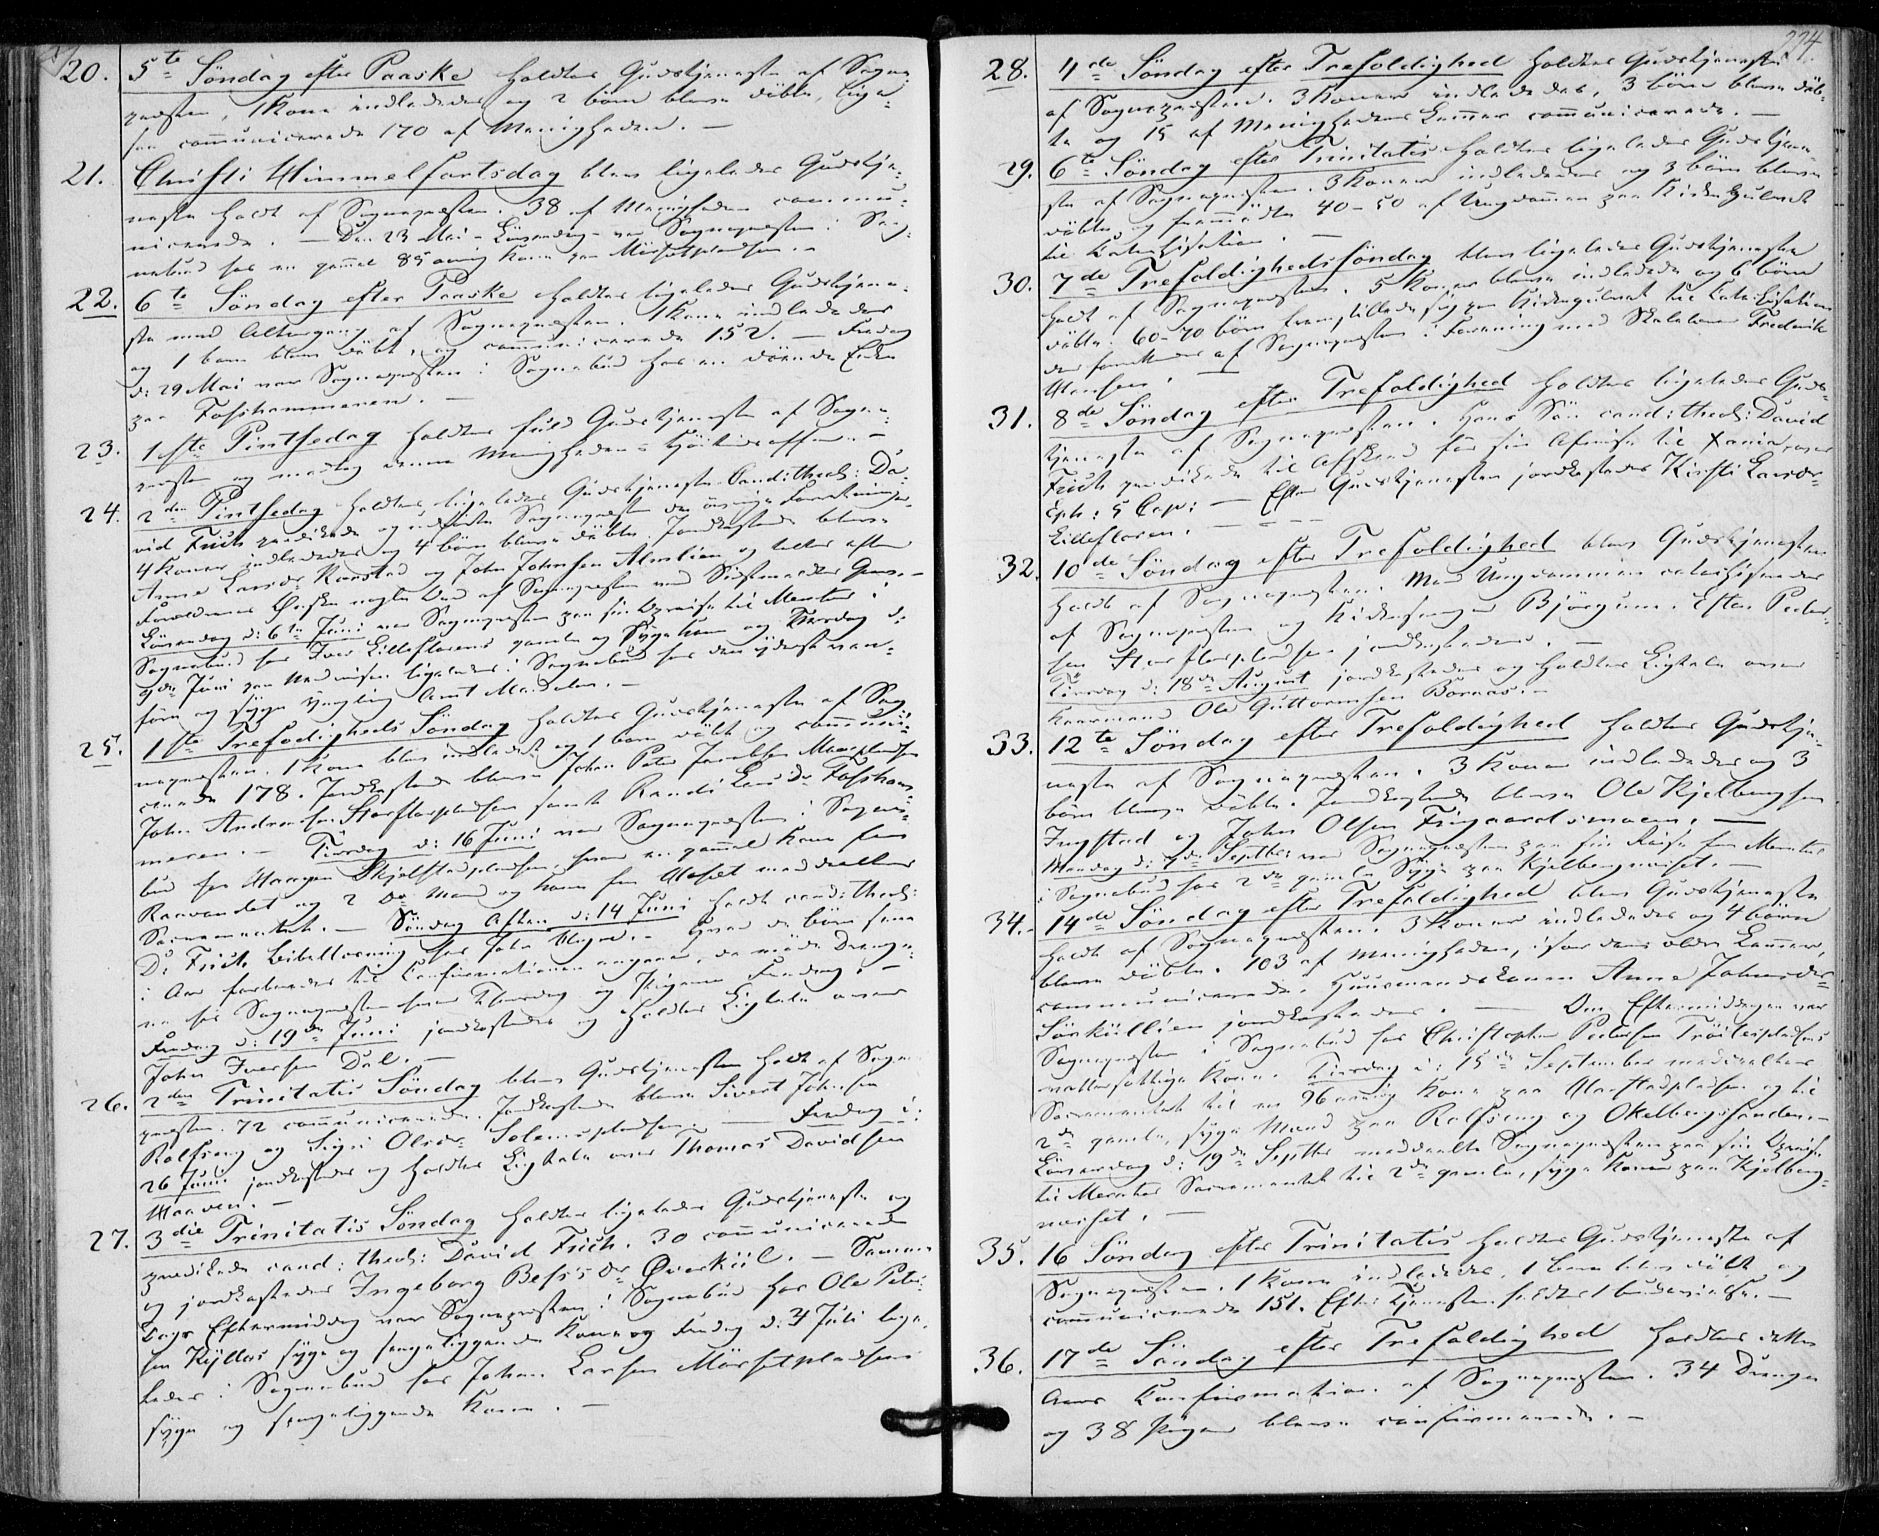 SAT, Ministerialprotokoller, klokkerbøker og fødselsregistre - Nord-Trøndelag, 703/L0028: Ministerialbok nr. 703A01, 1850-1862, s. 224